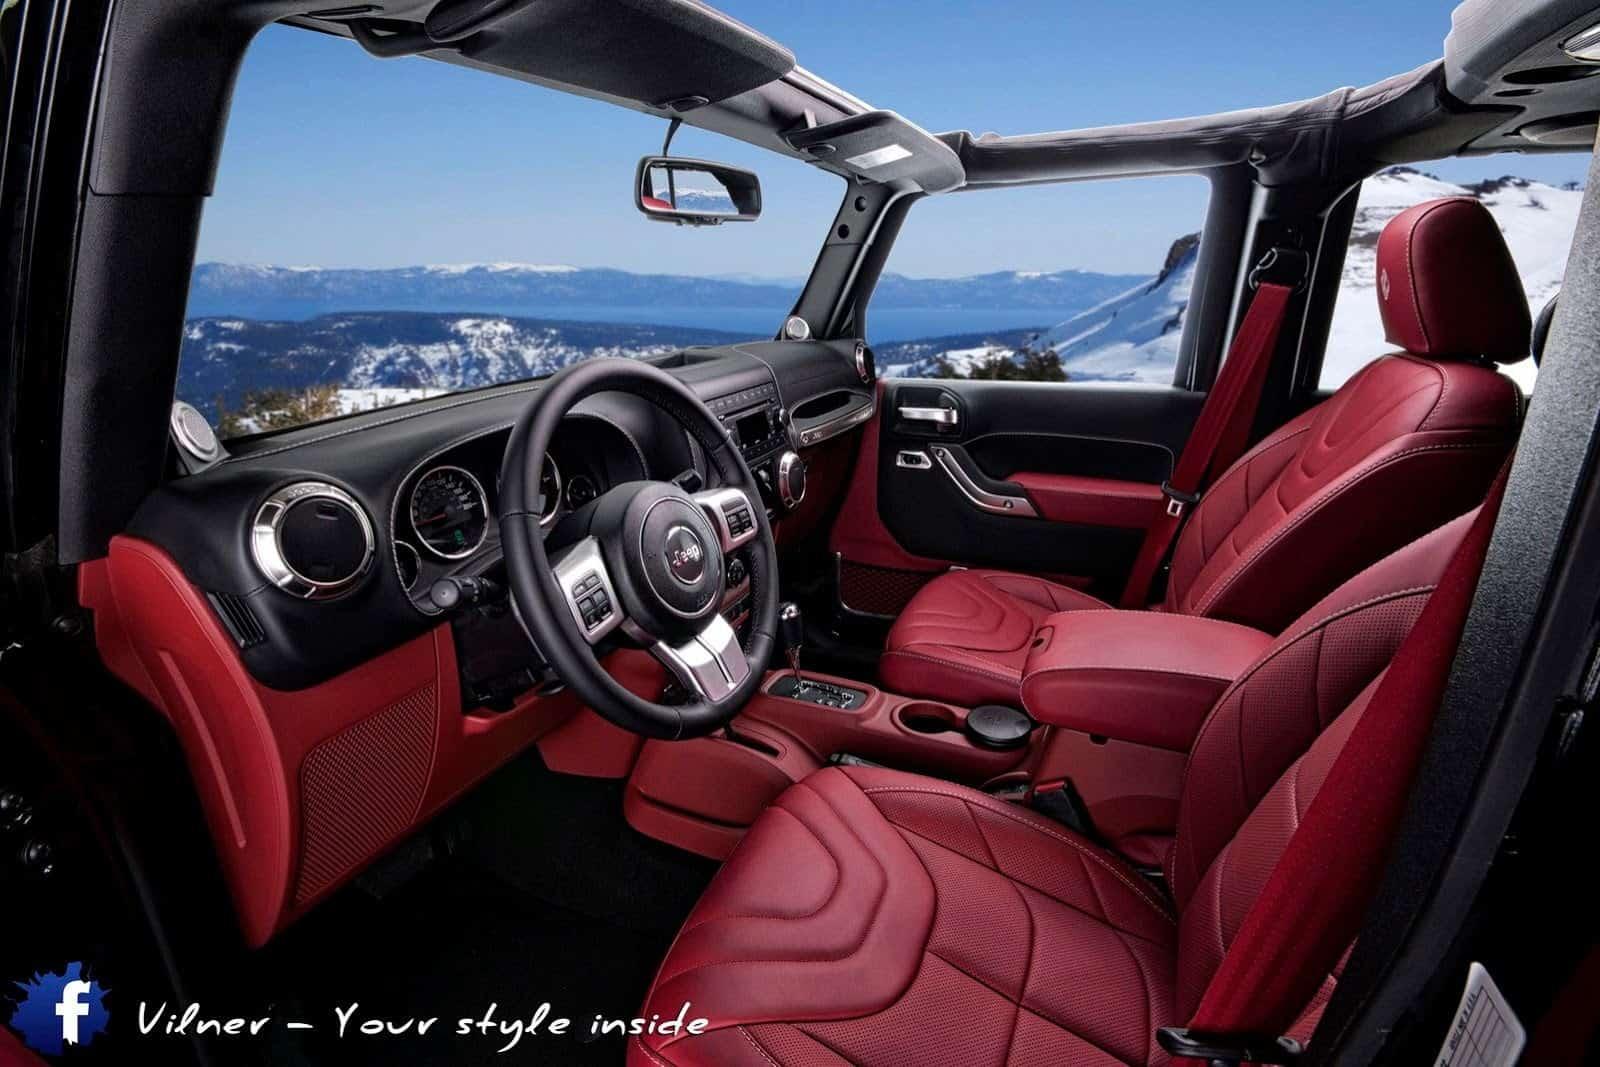 vilner tuned jeep wrangler unlimited sahara. Black Bedroom Furniture Sets. Home Design Ideas